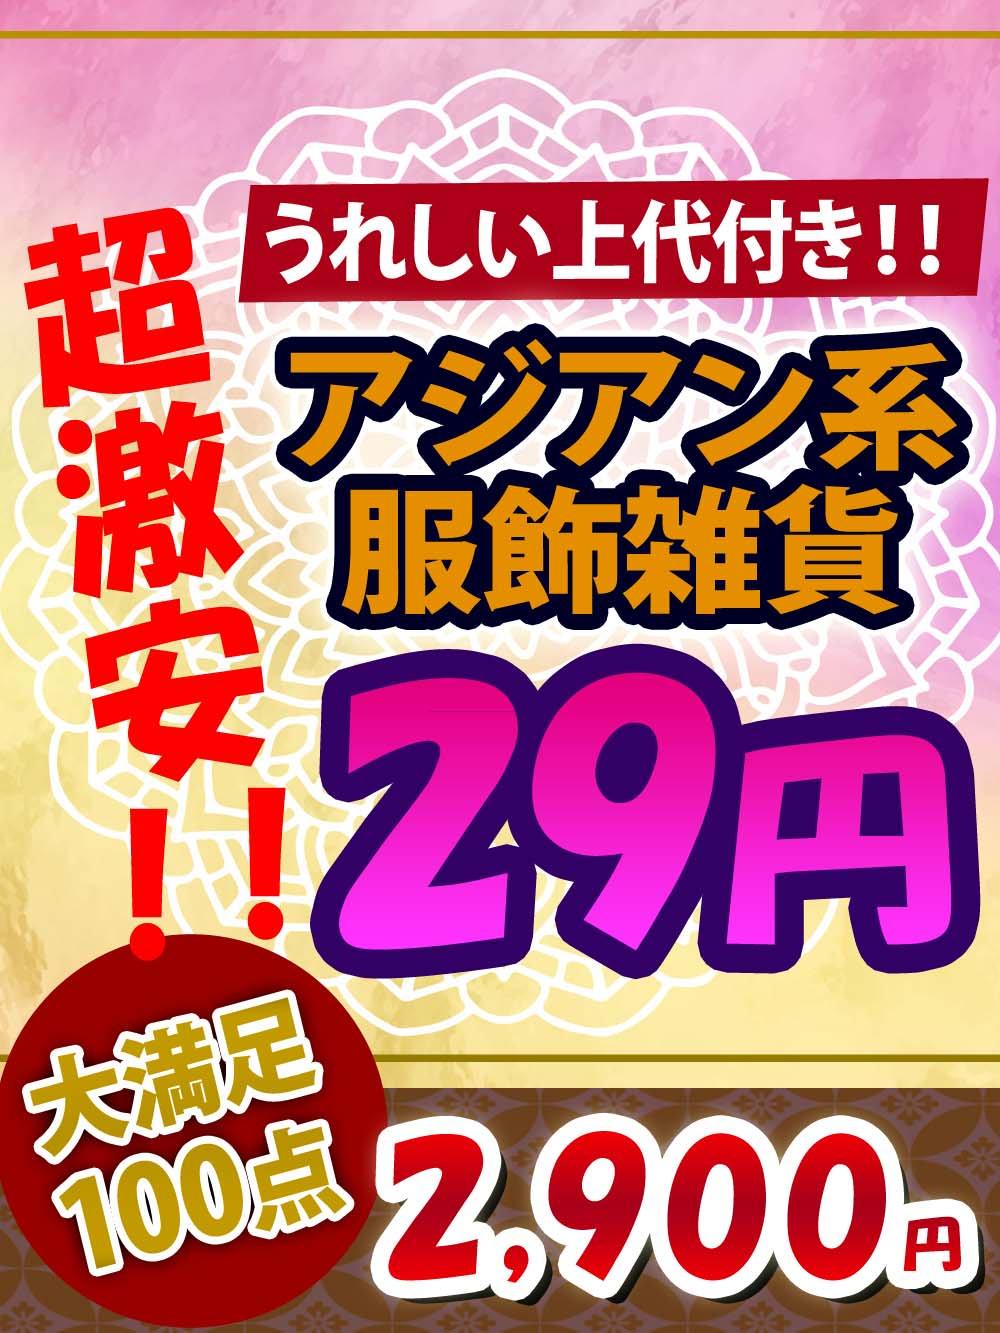 【超激安29円!】うれしい上代付きアジアンテイストの服飾雑貨アラカルト!100点@29